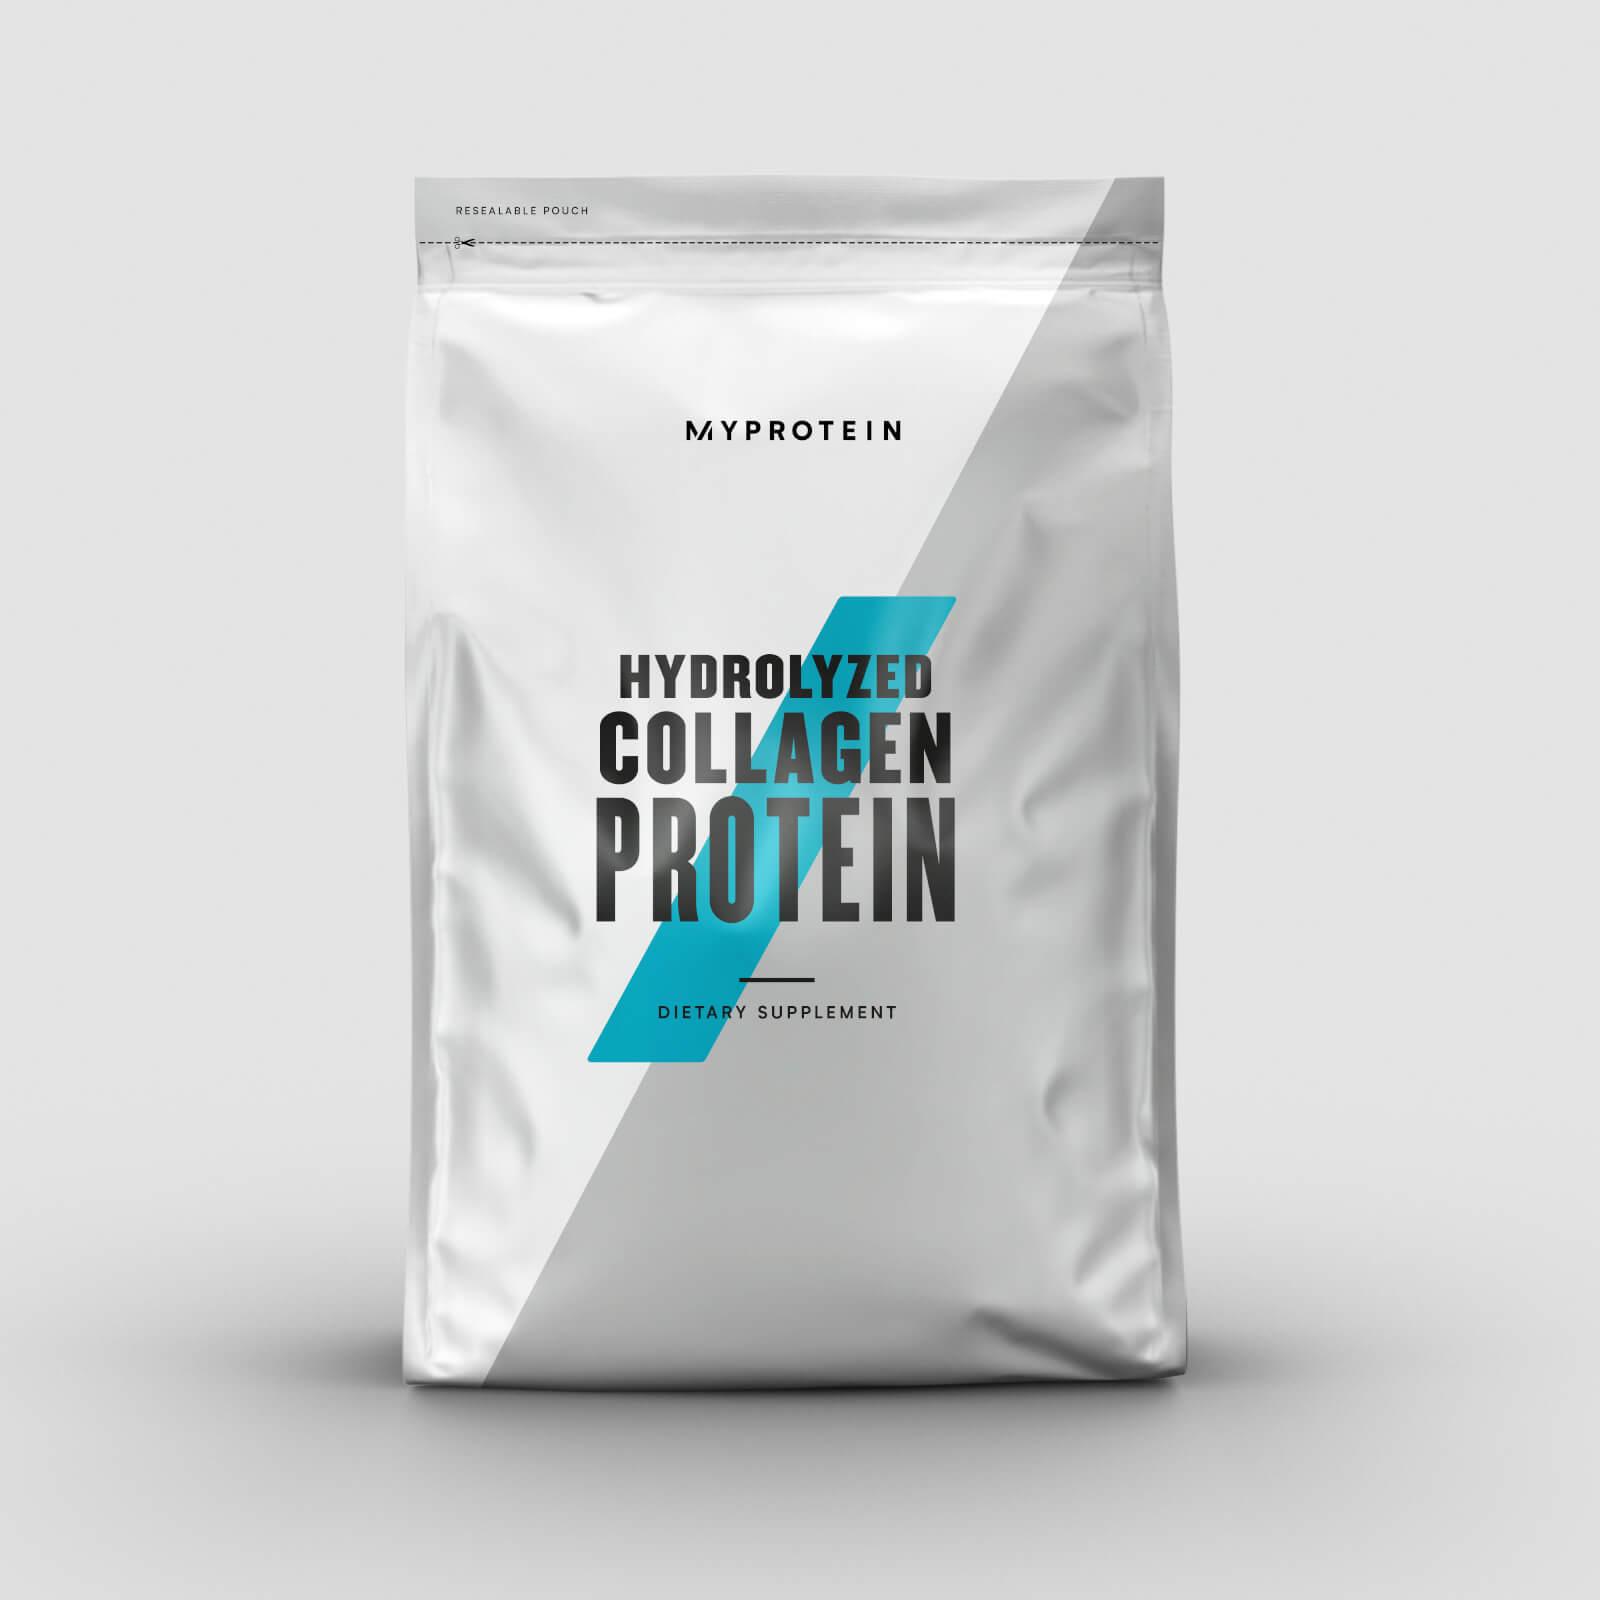 Myprotein Collagen Protein - 1.1lb - Unflavored